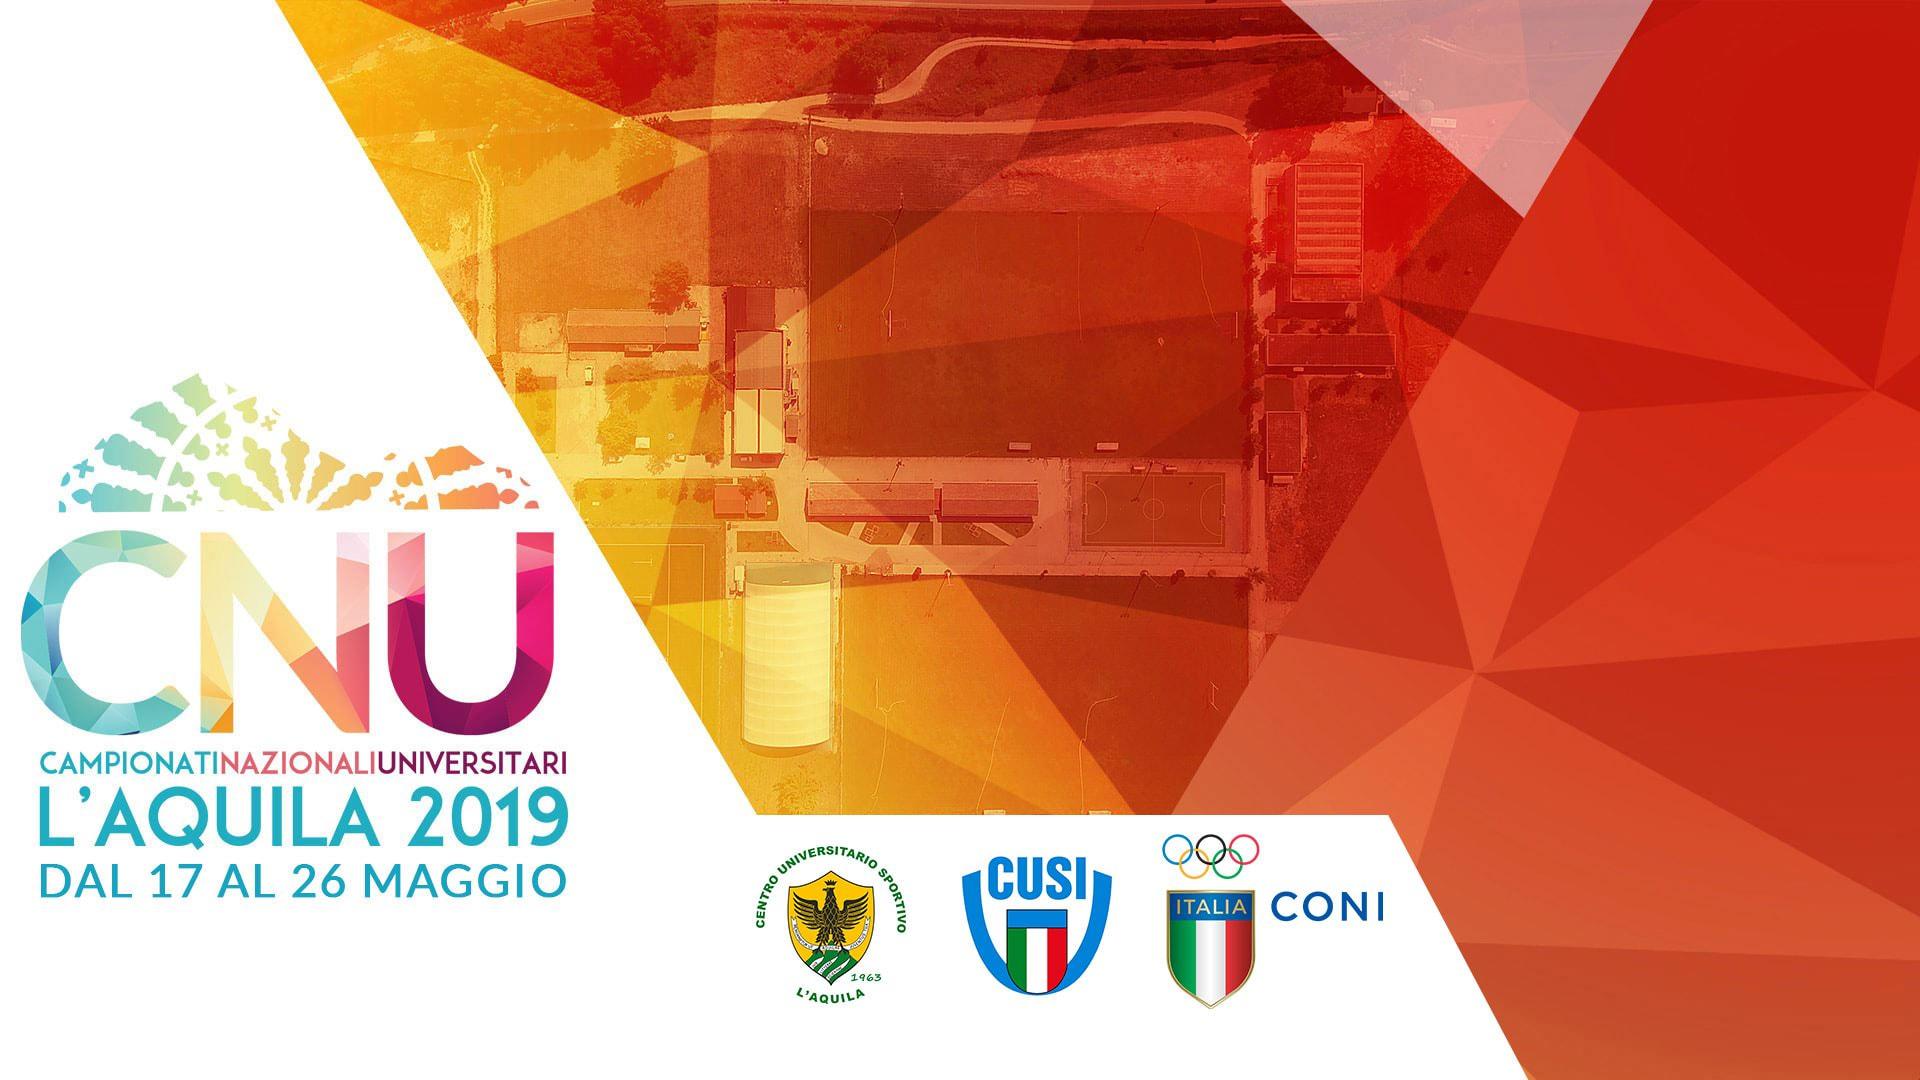 campionati-nazionali-universitari-laquila-2019-storia-cultura-turismo-monumenti-slider-5